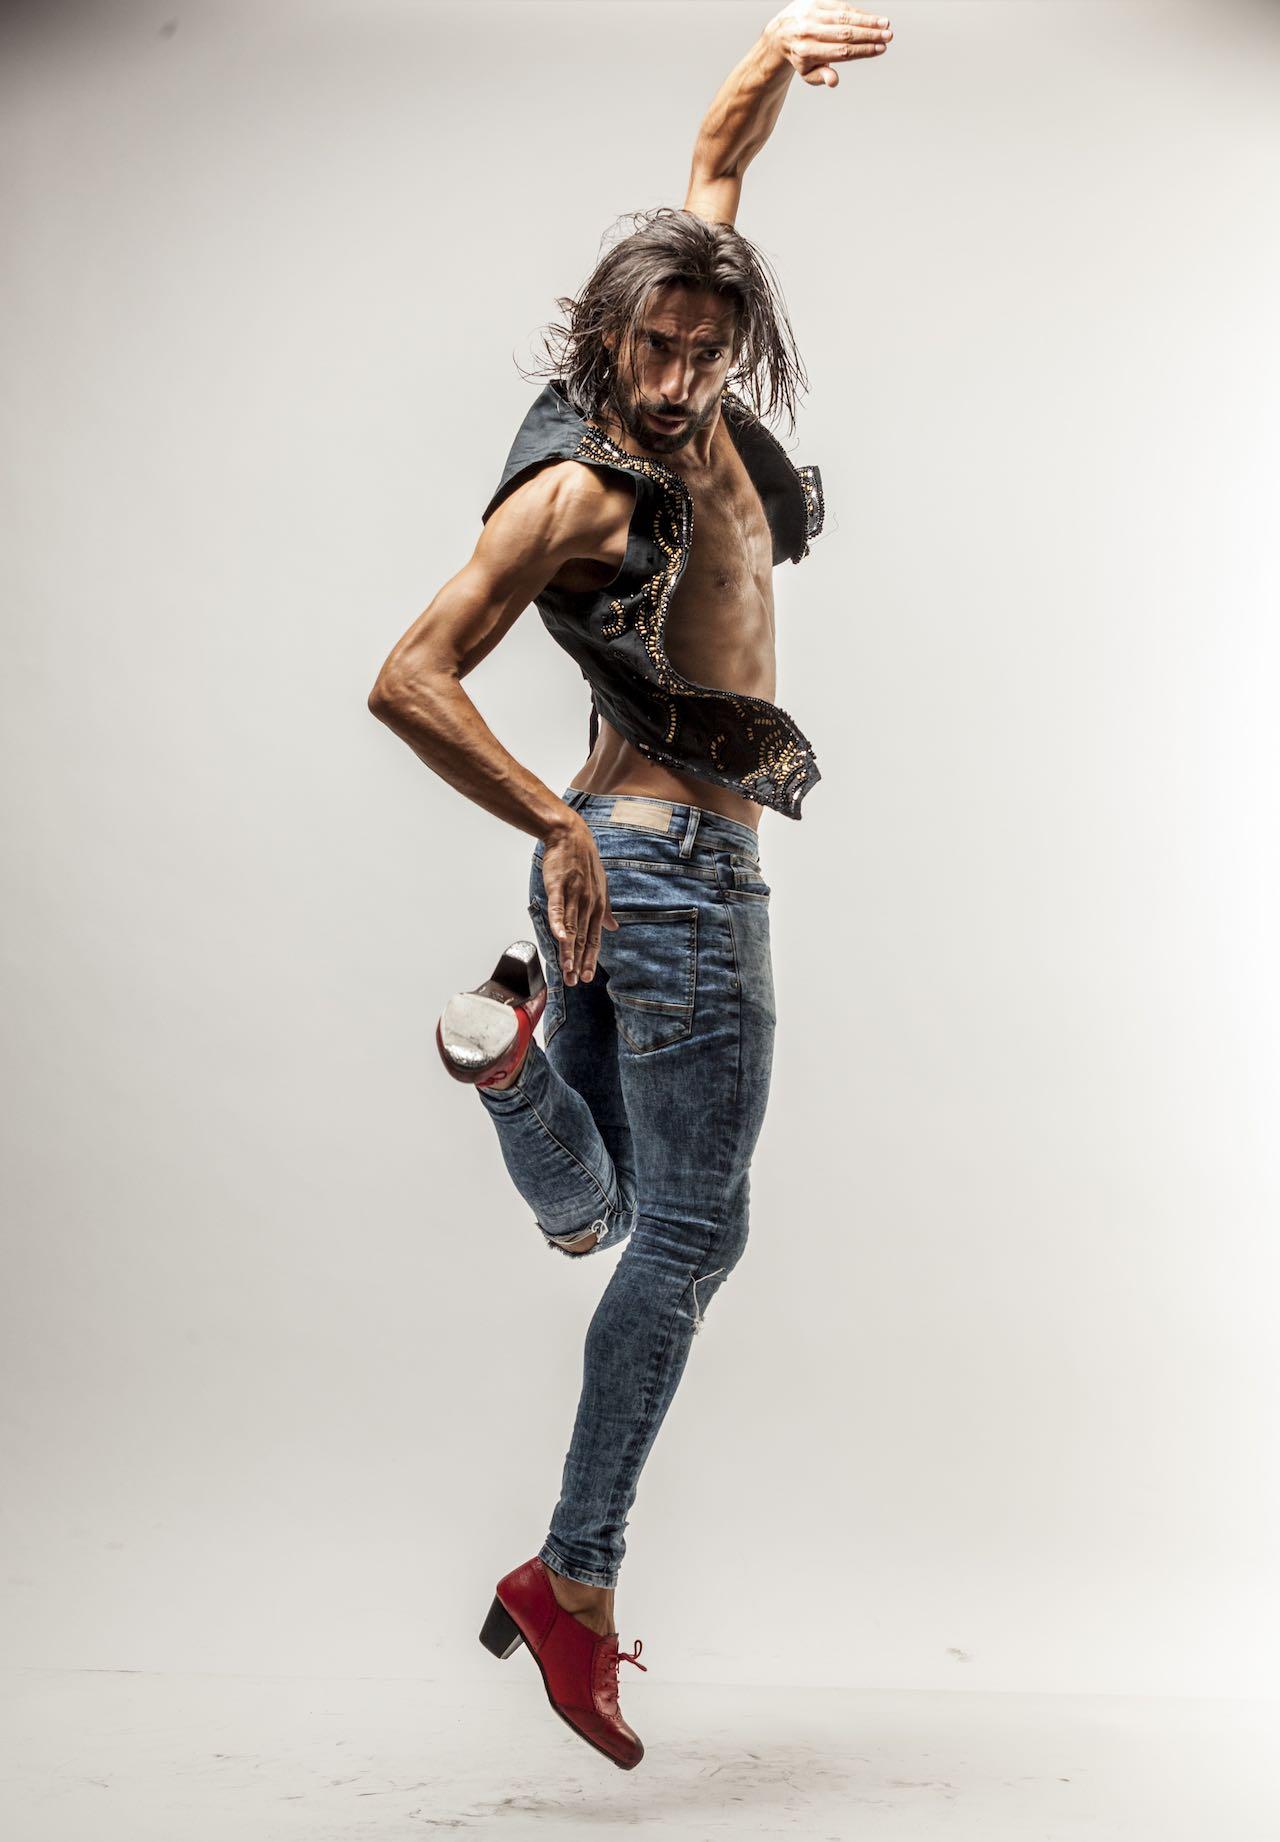 Dancer Eduardo Guerrero